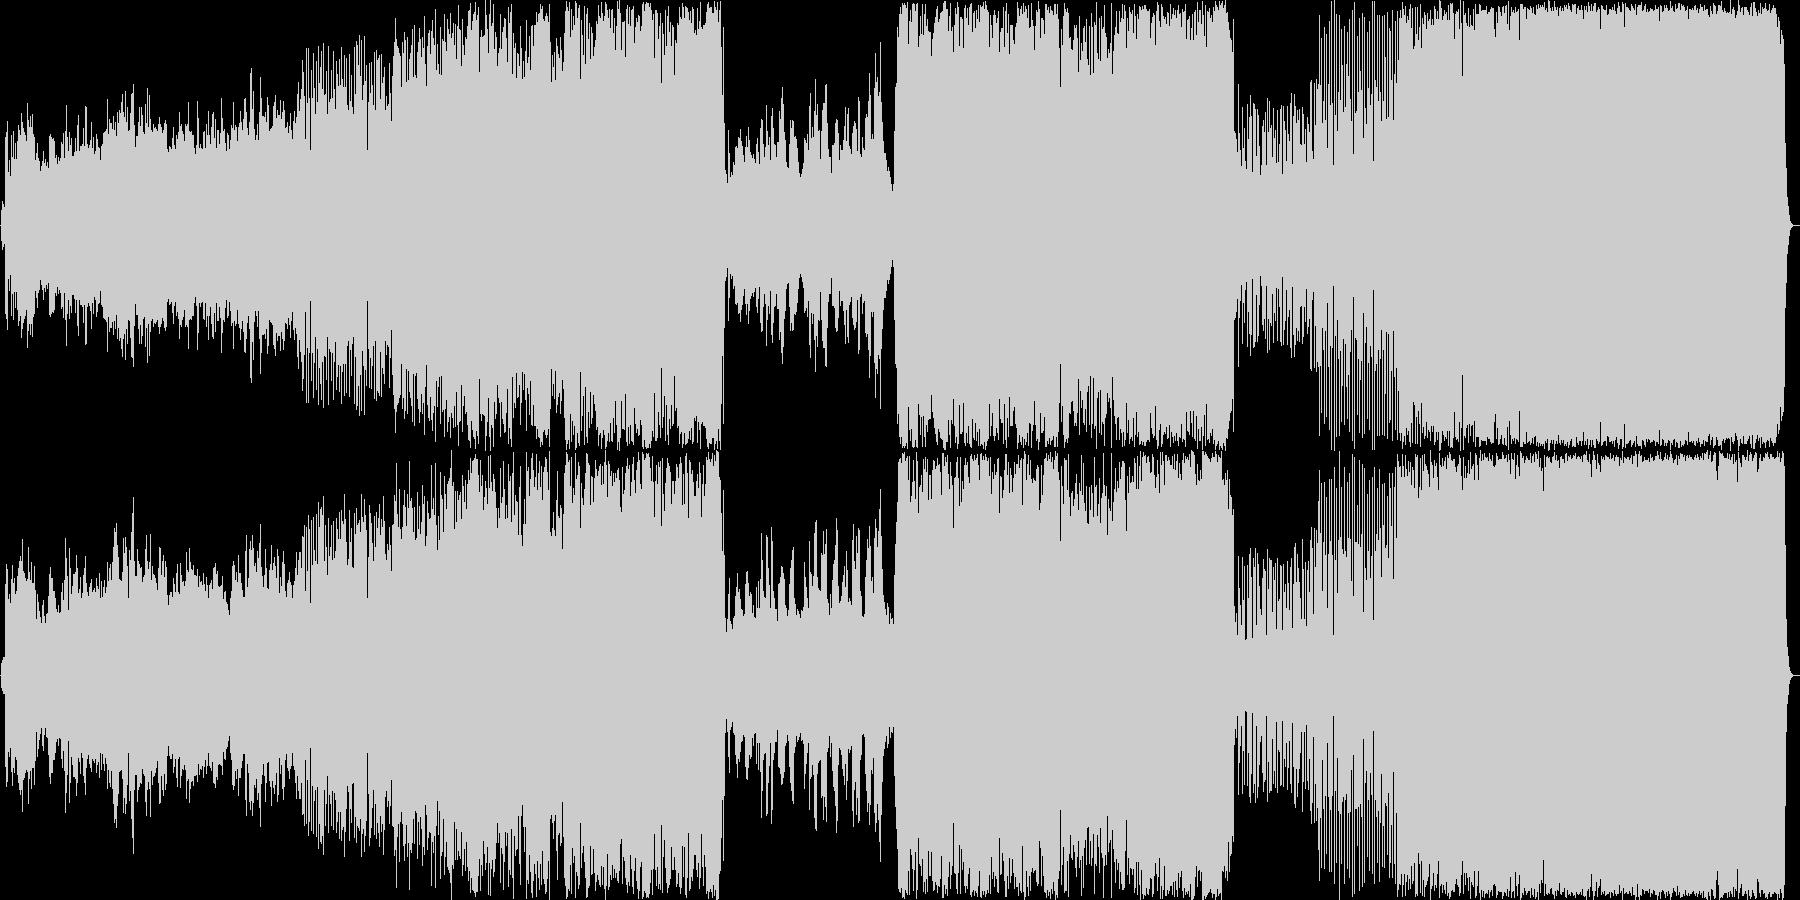 ノスタルジックで楽しい吹奏楽風行進曲の未再生の波形